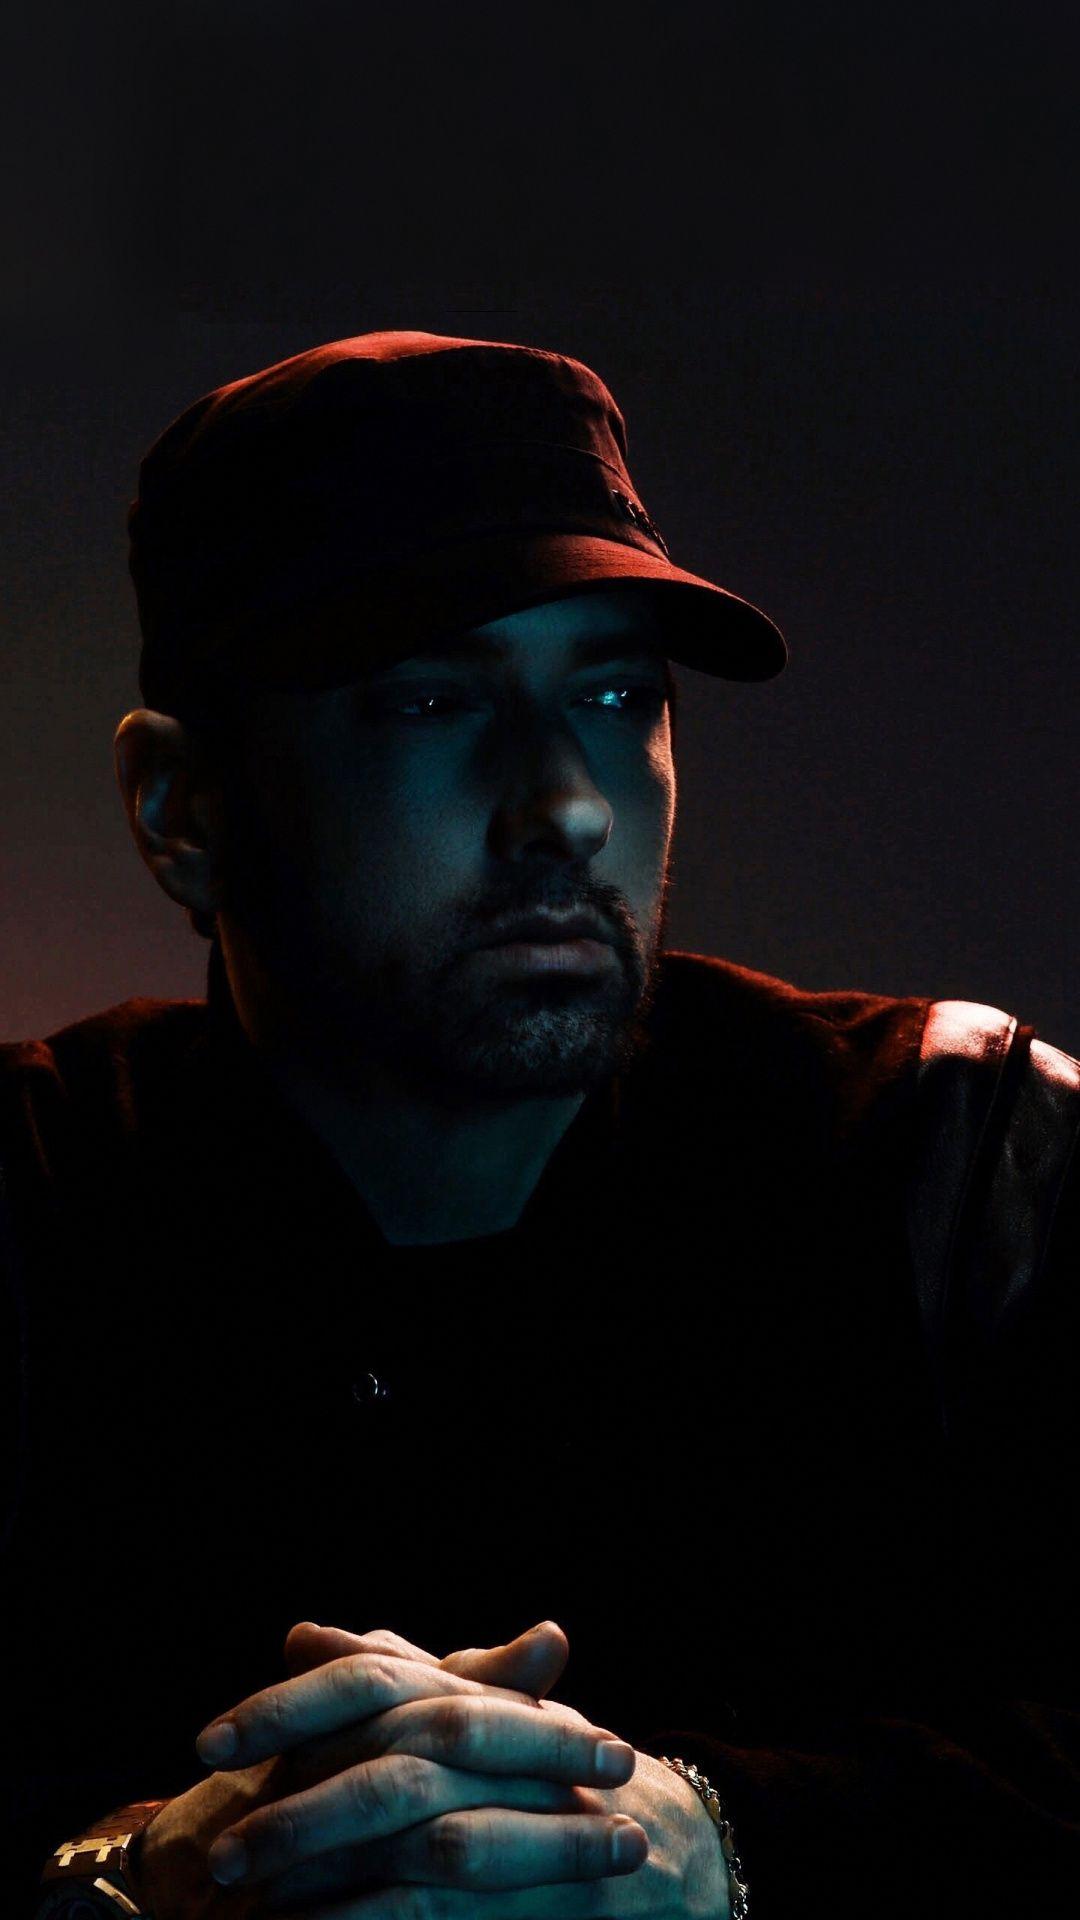 Rapper Celebrity Eminem 2018 1080x1920 Wallpaper Celebrity